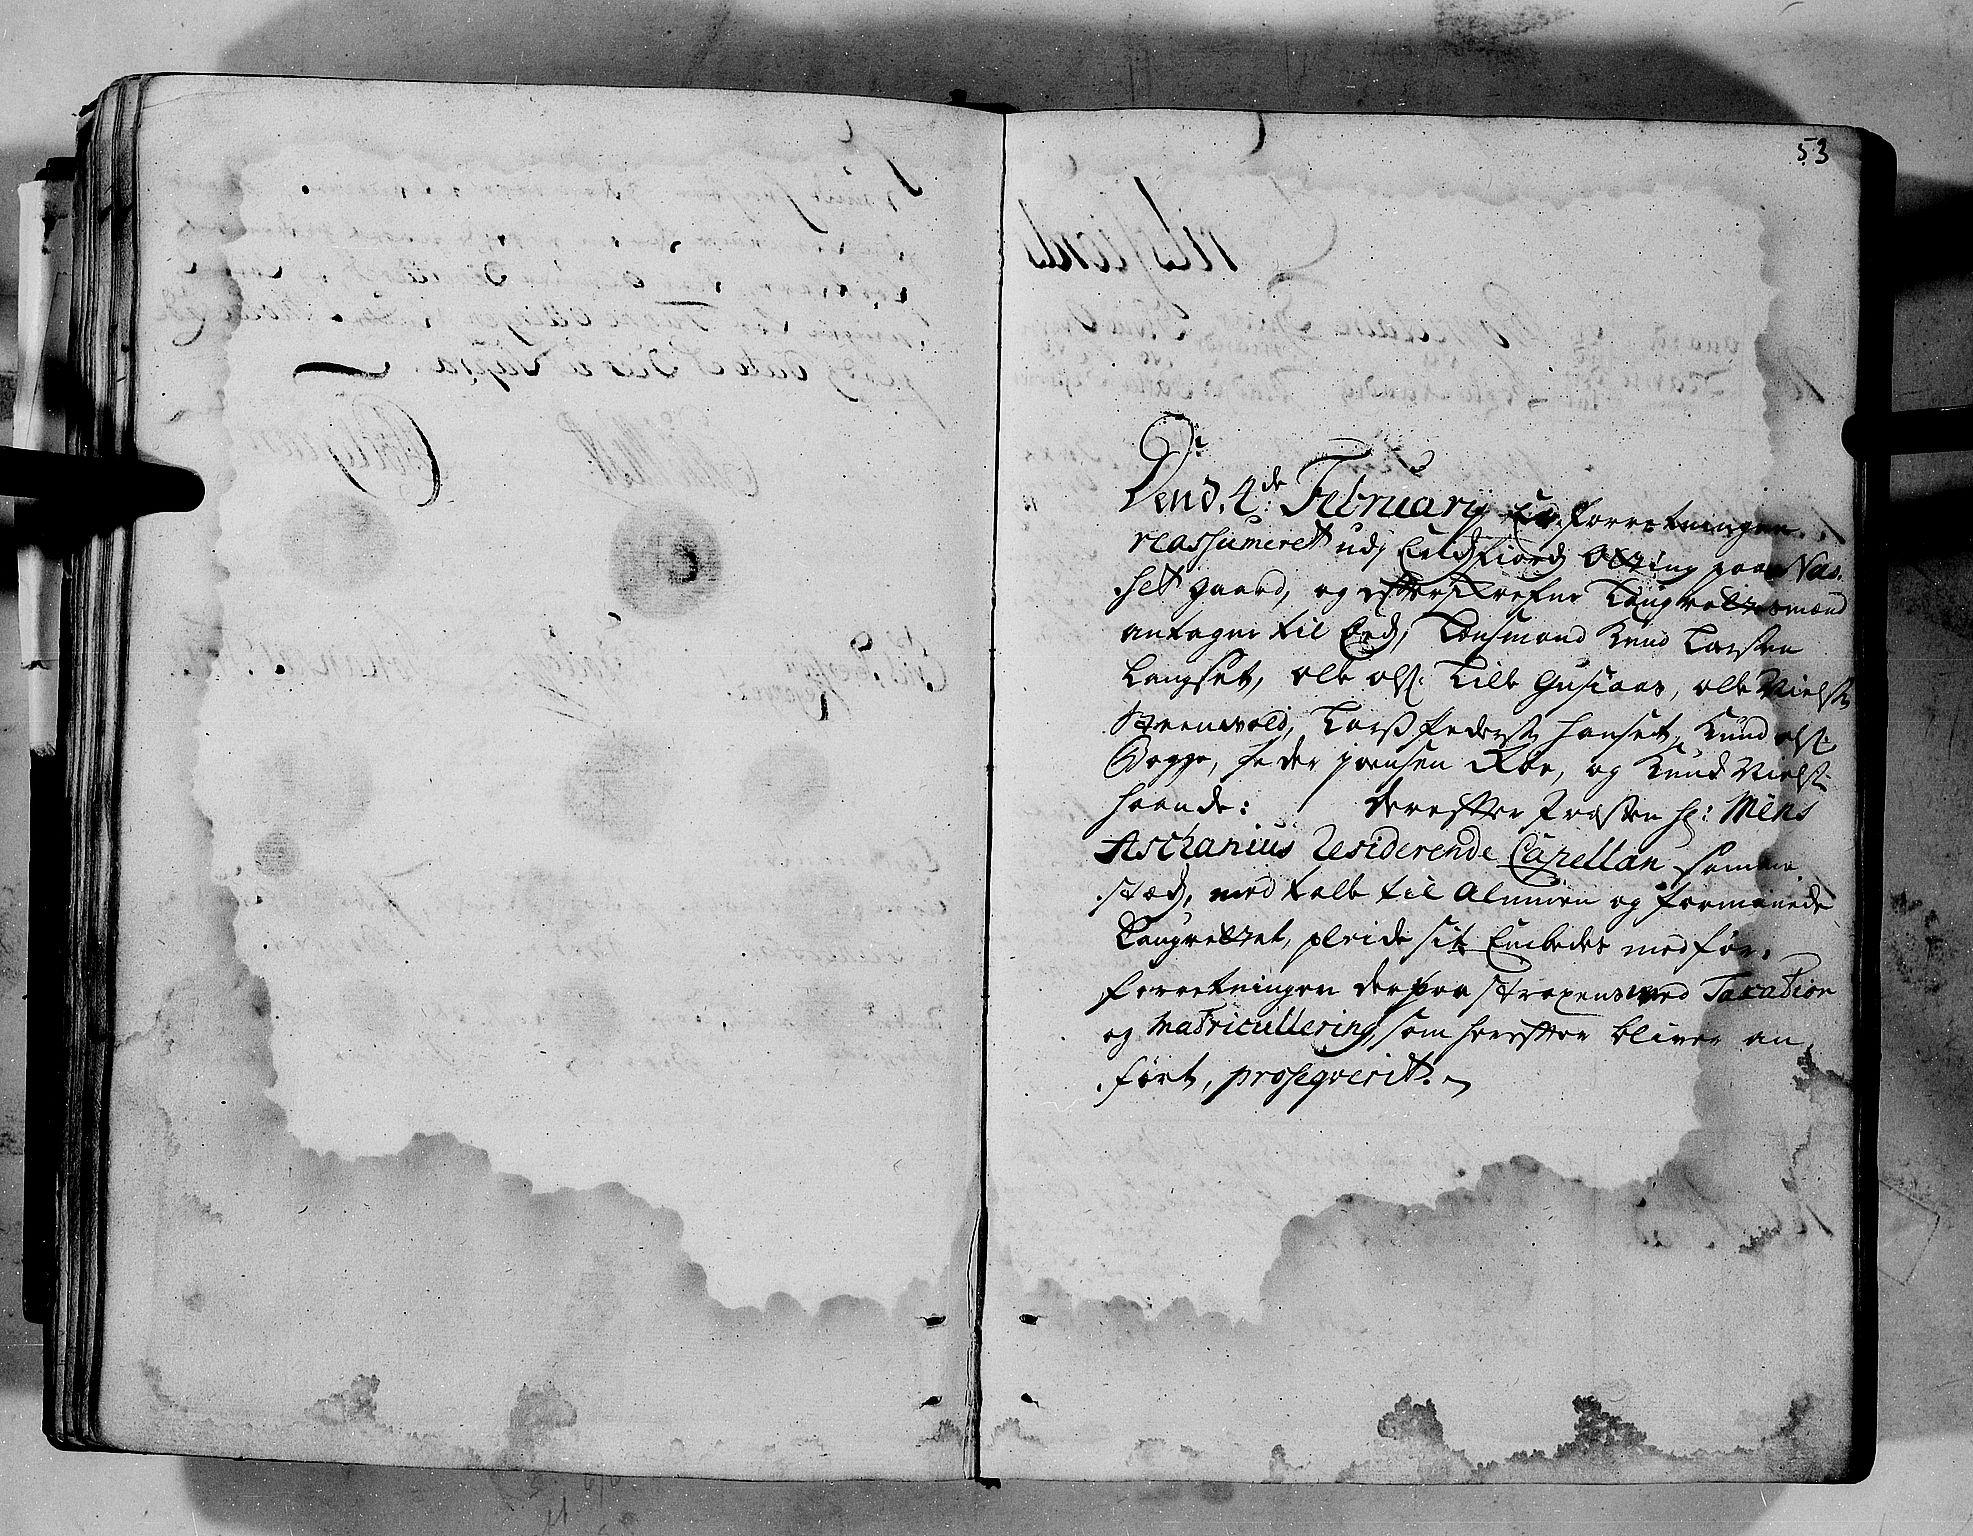 RA, Rentekammeret inntil 1814, Realistisk ordnet avdeling, N/Nb/Nbf/L0152: Romsdal eksaminasjonsprotokoll, 1724, s. 52b-53a